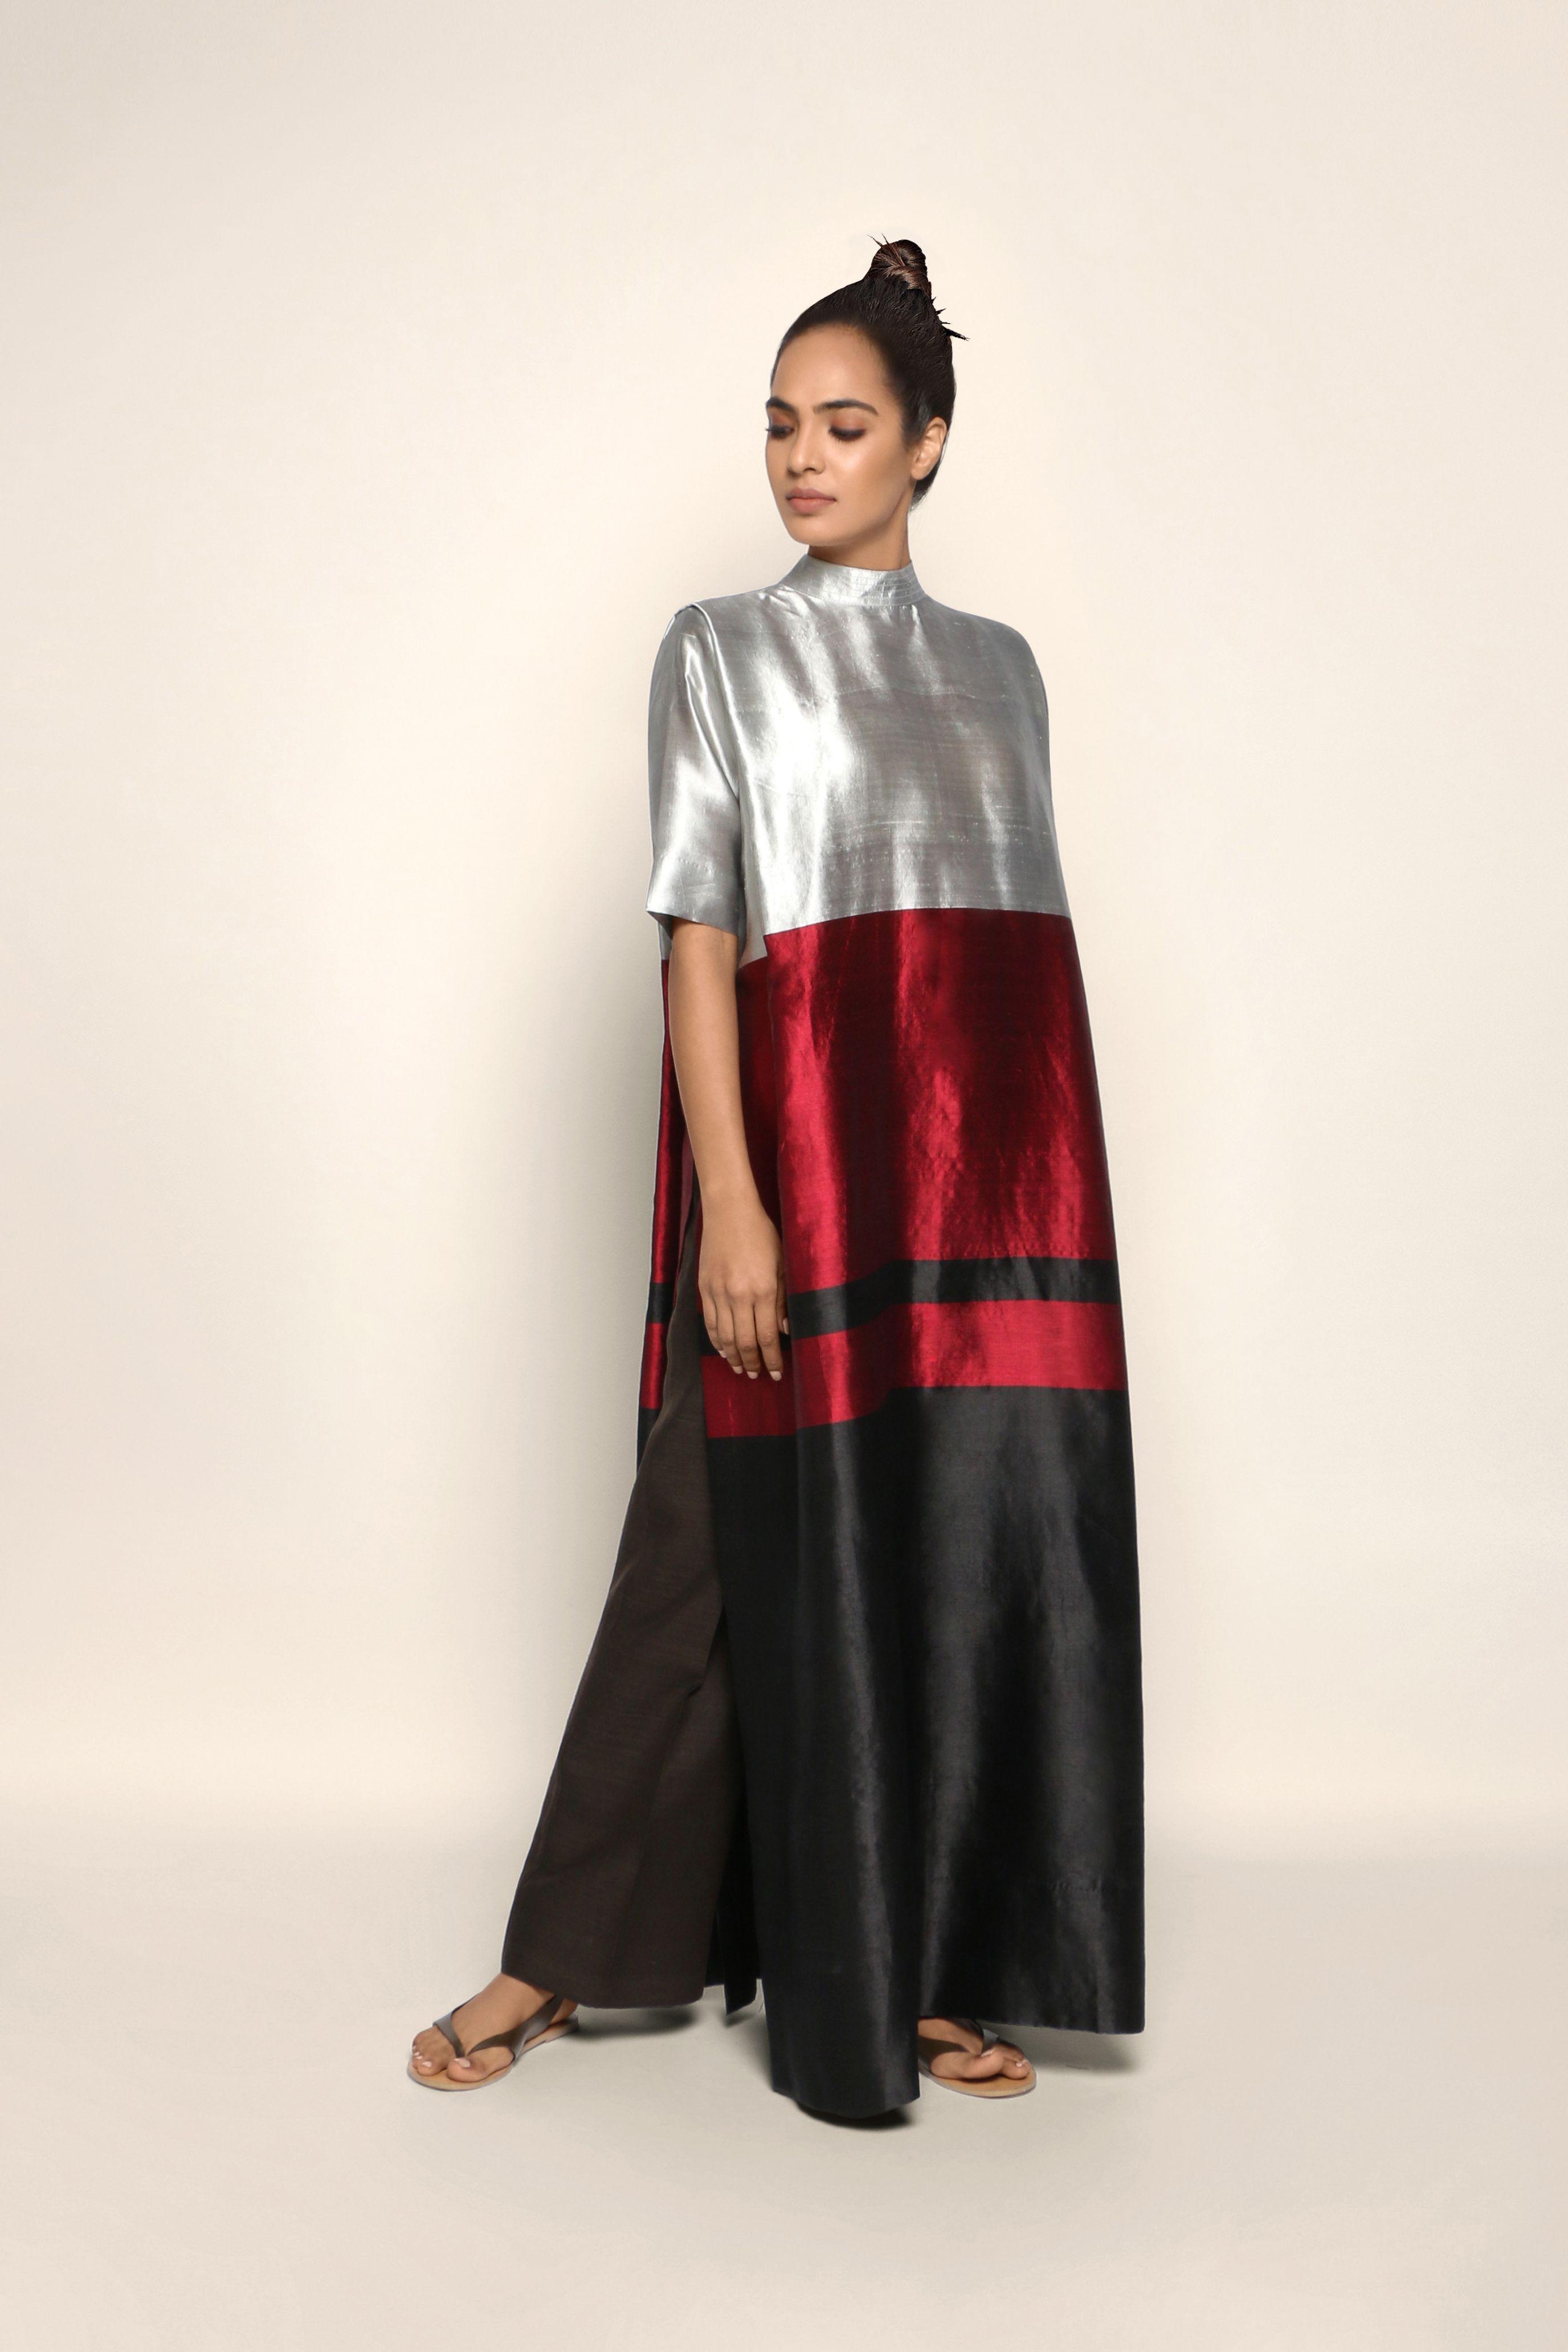 Handwoven Silk Kurta Fashion Attire Abayas Fashion Fashion Outfits